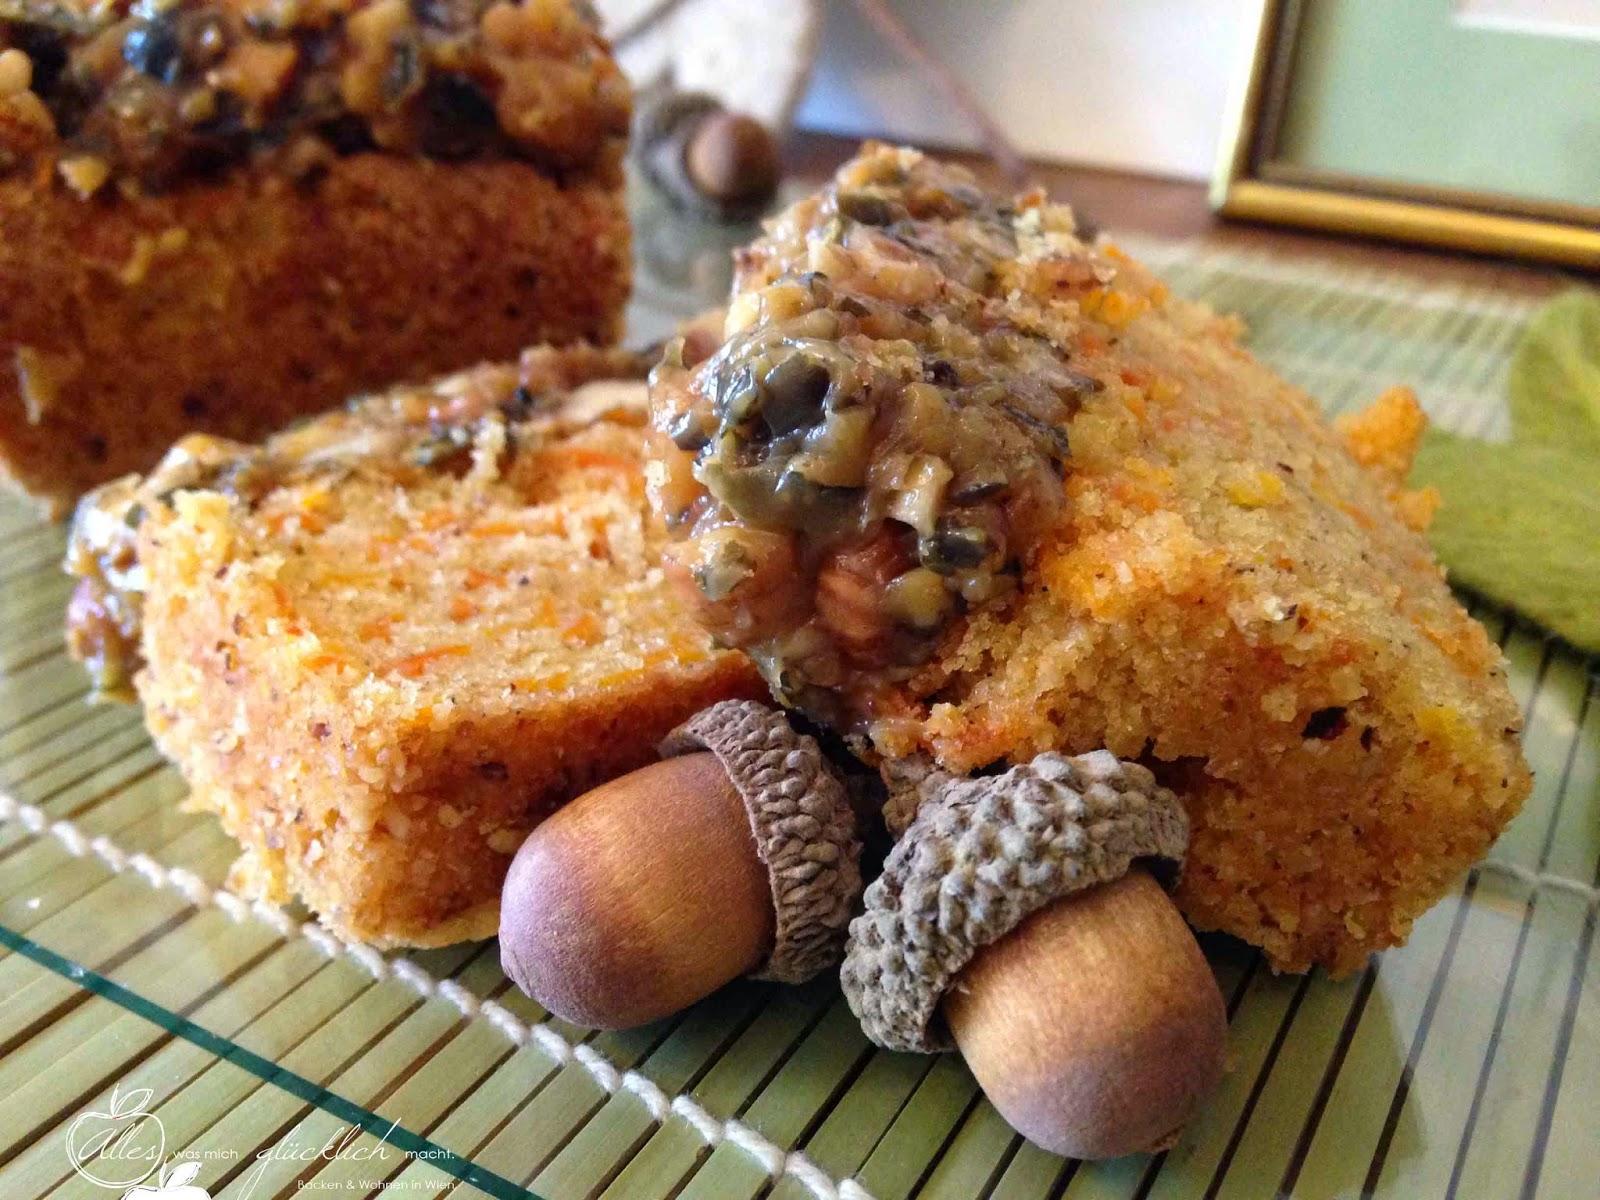 Karotten Kardamon Kuchen mit Sherry-Nuss Karamell